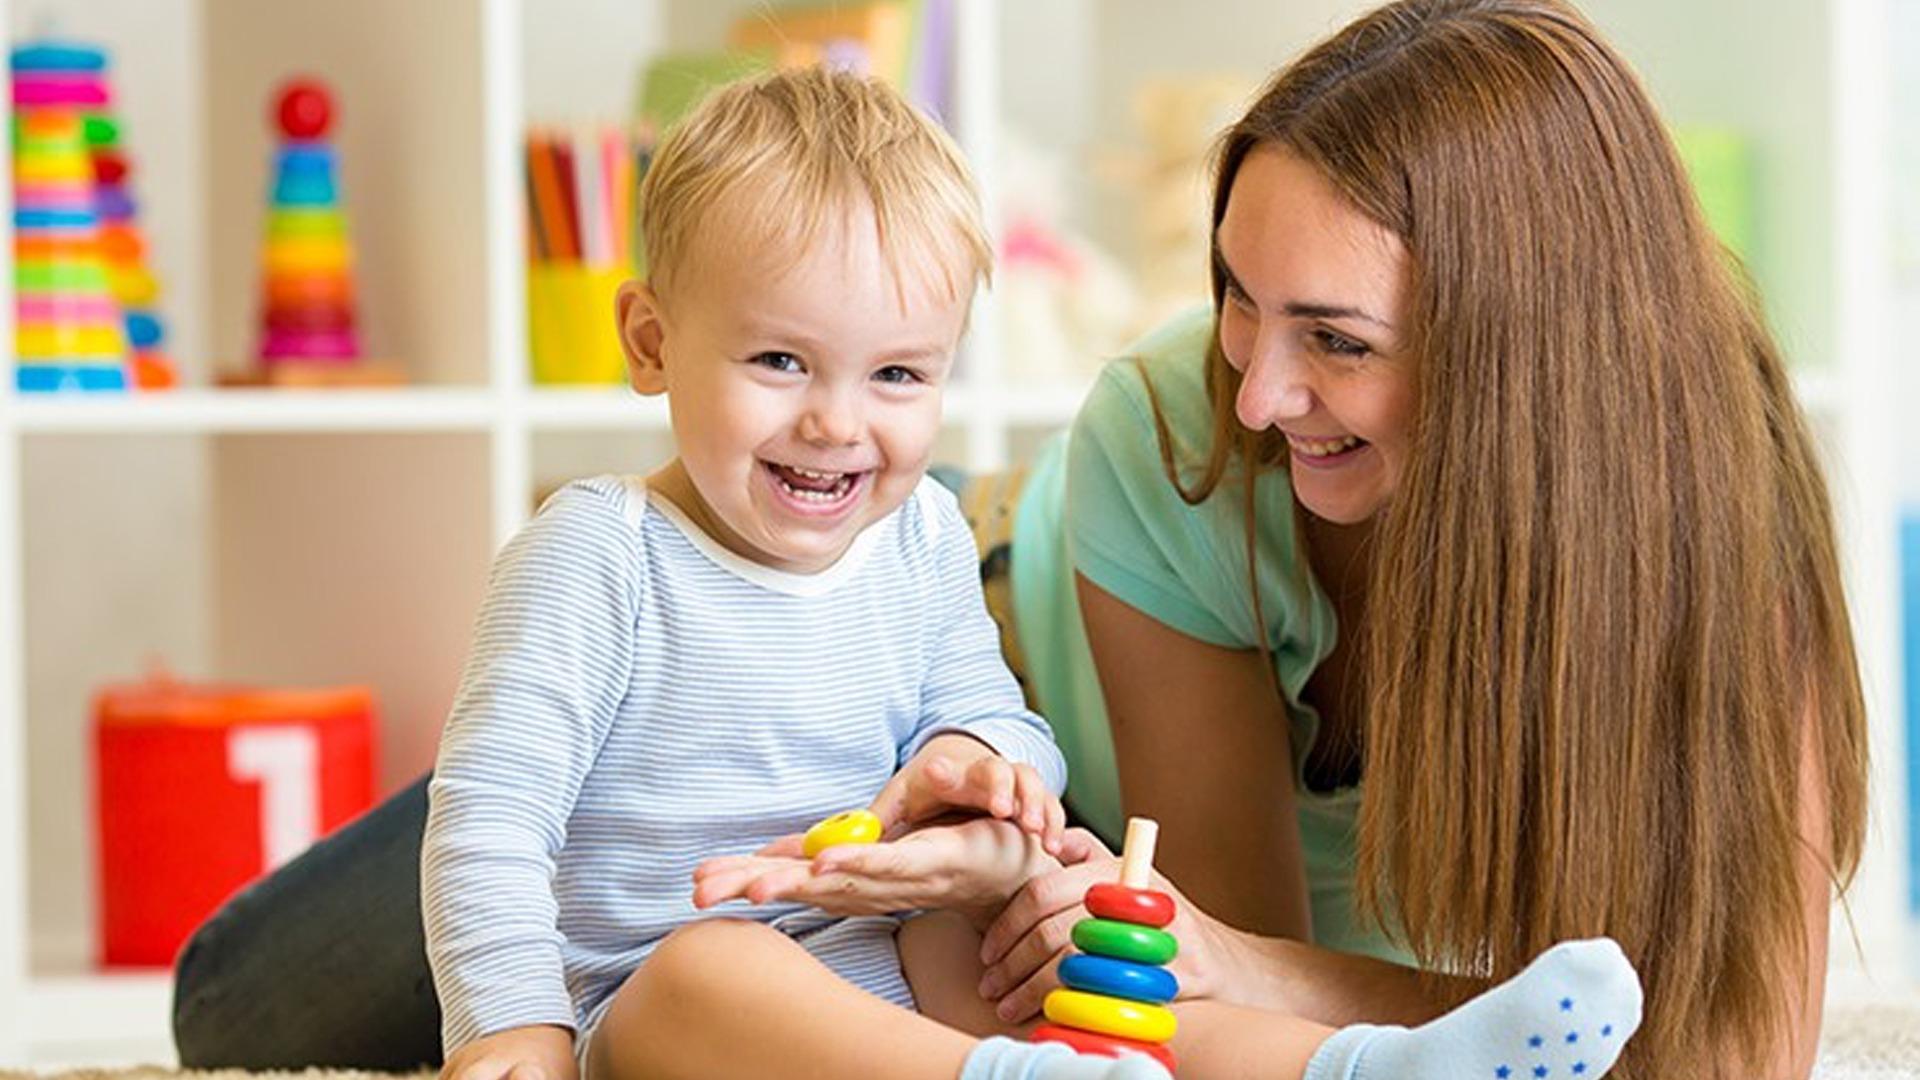 sportsplex babysitting services